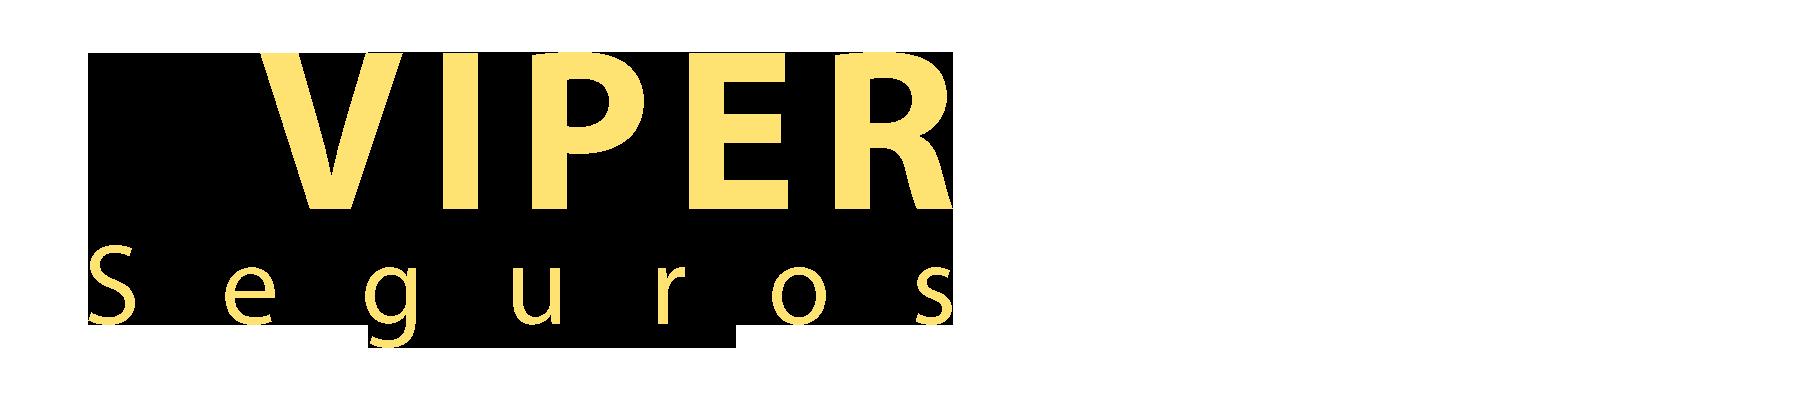 ViperSeguros